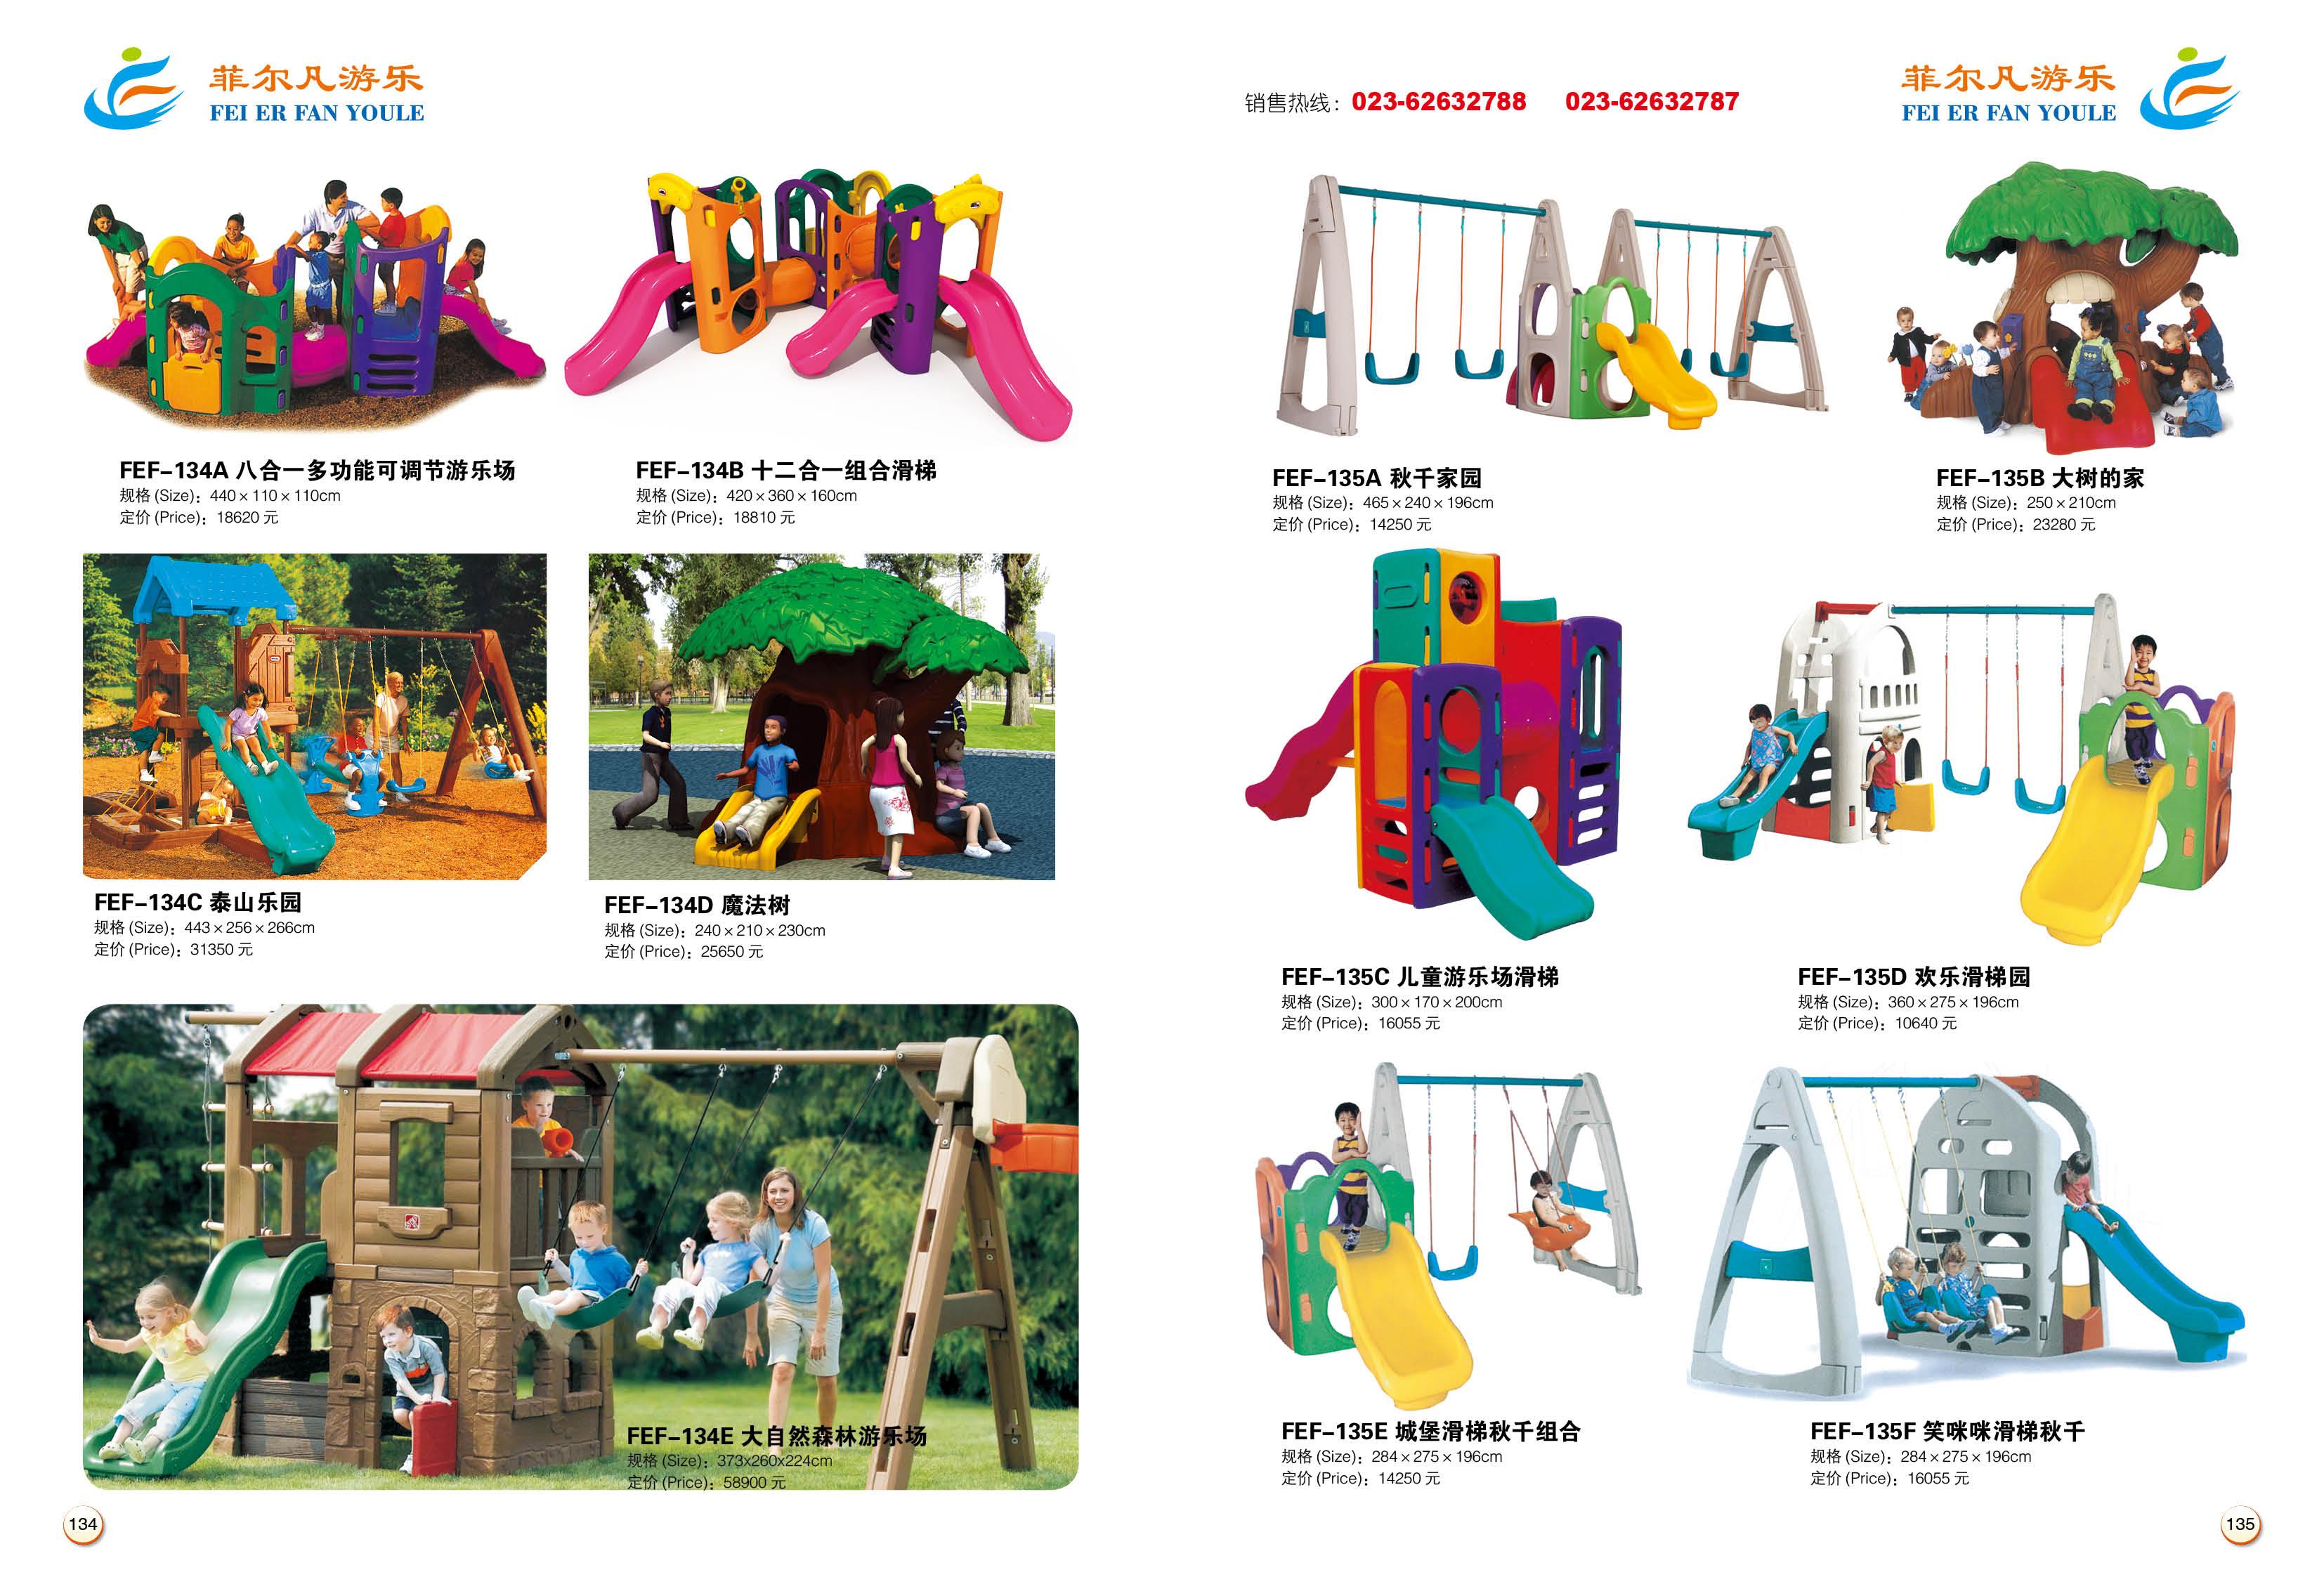 重庆游乐设施幼儿园配套儿童益智玩具